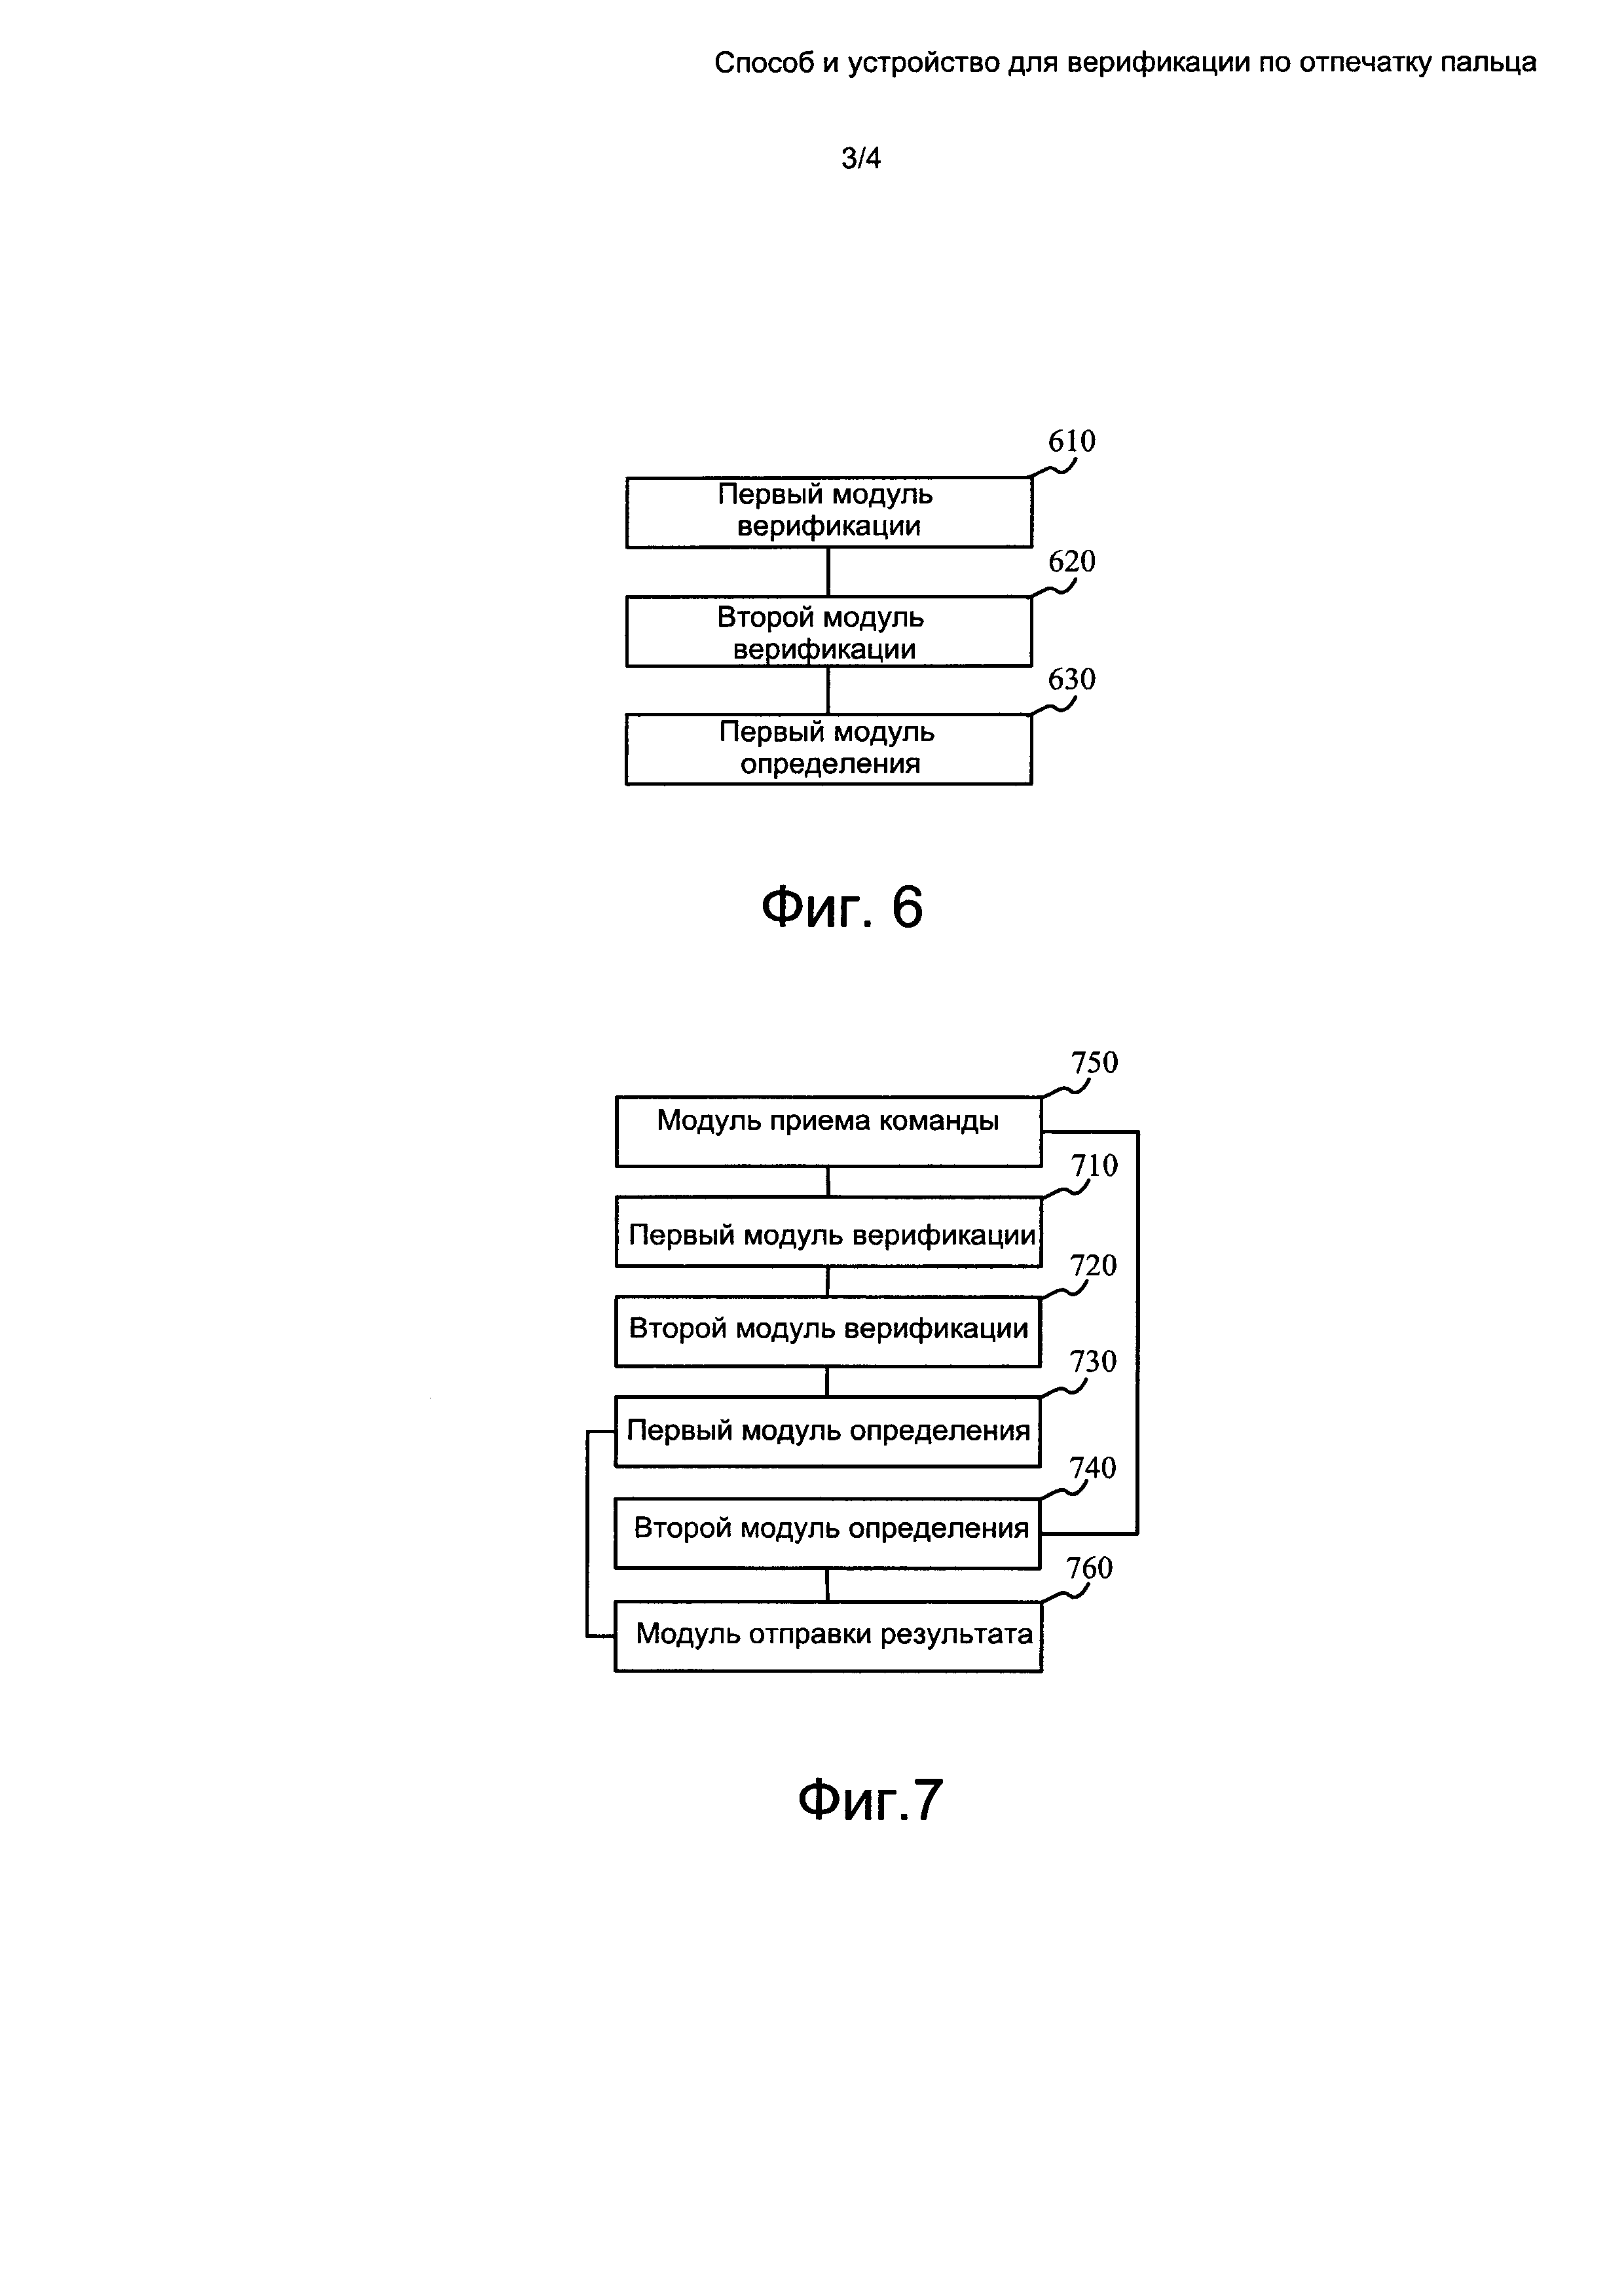 Способ и устройство для верификации по отпечатку пальца